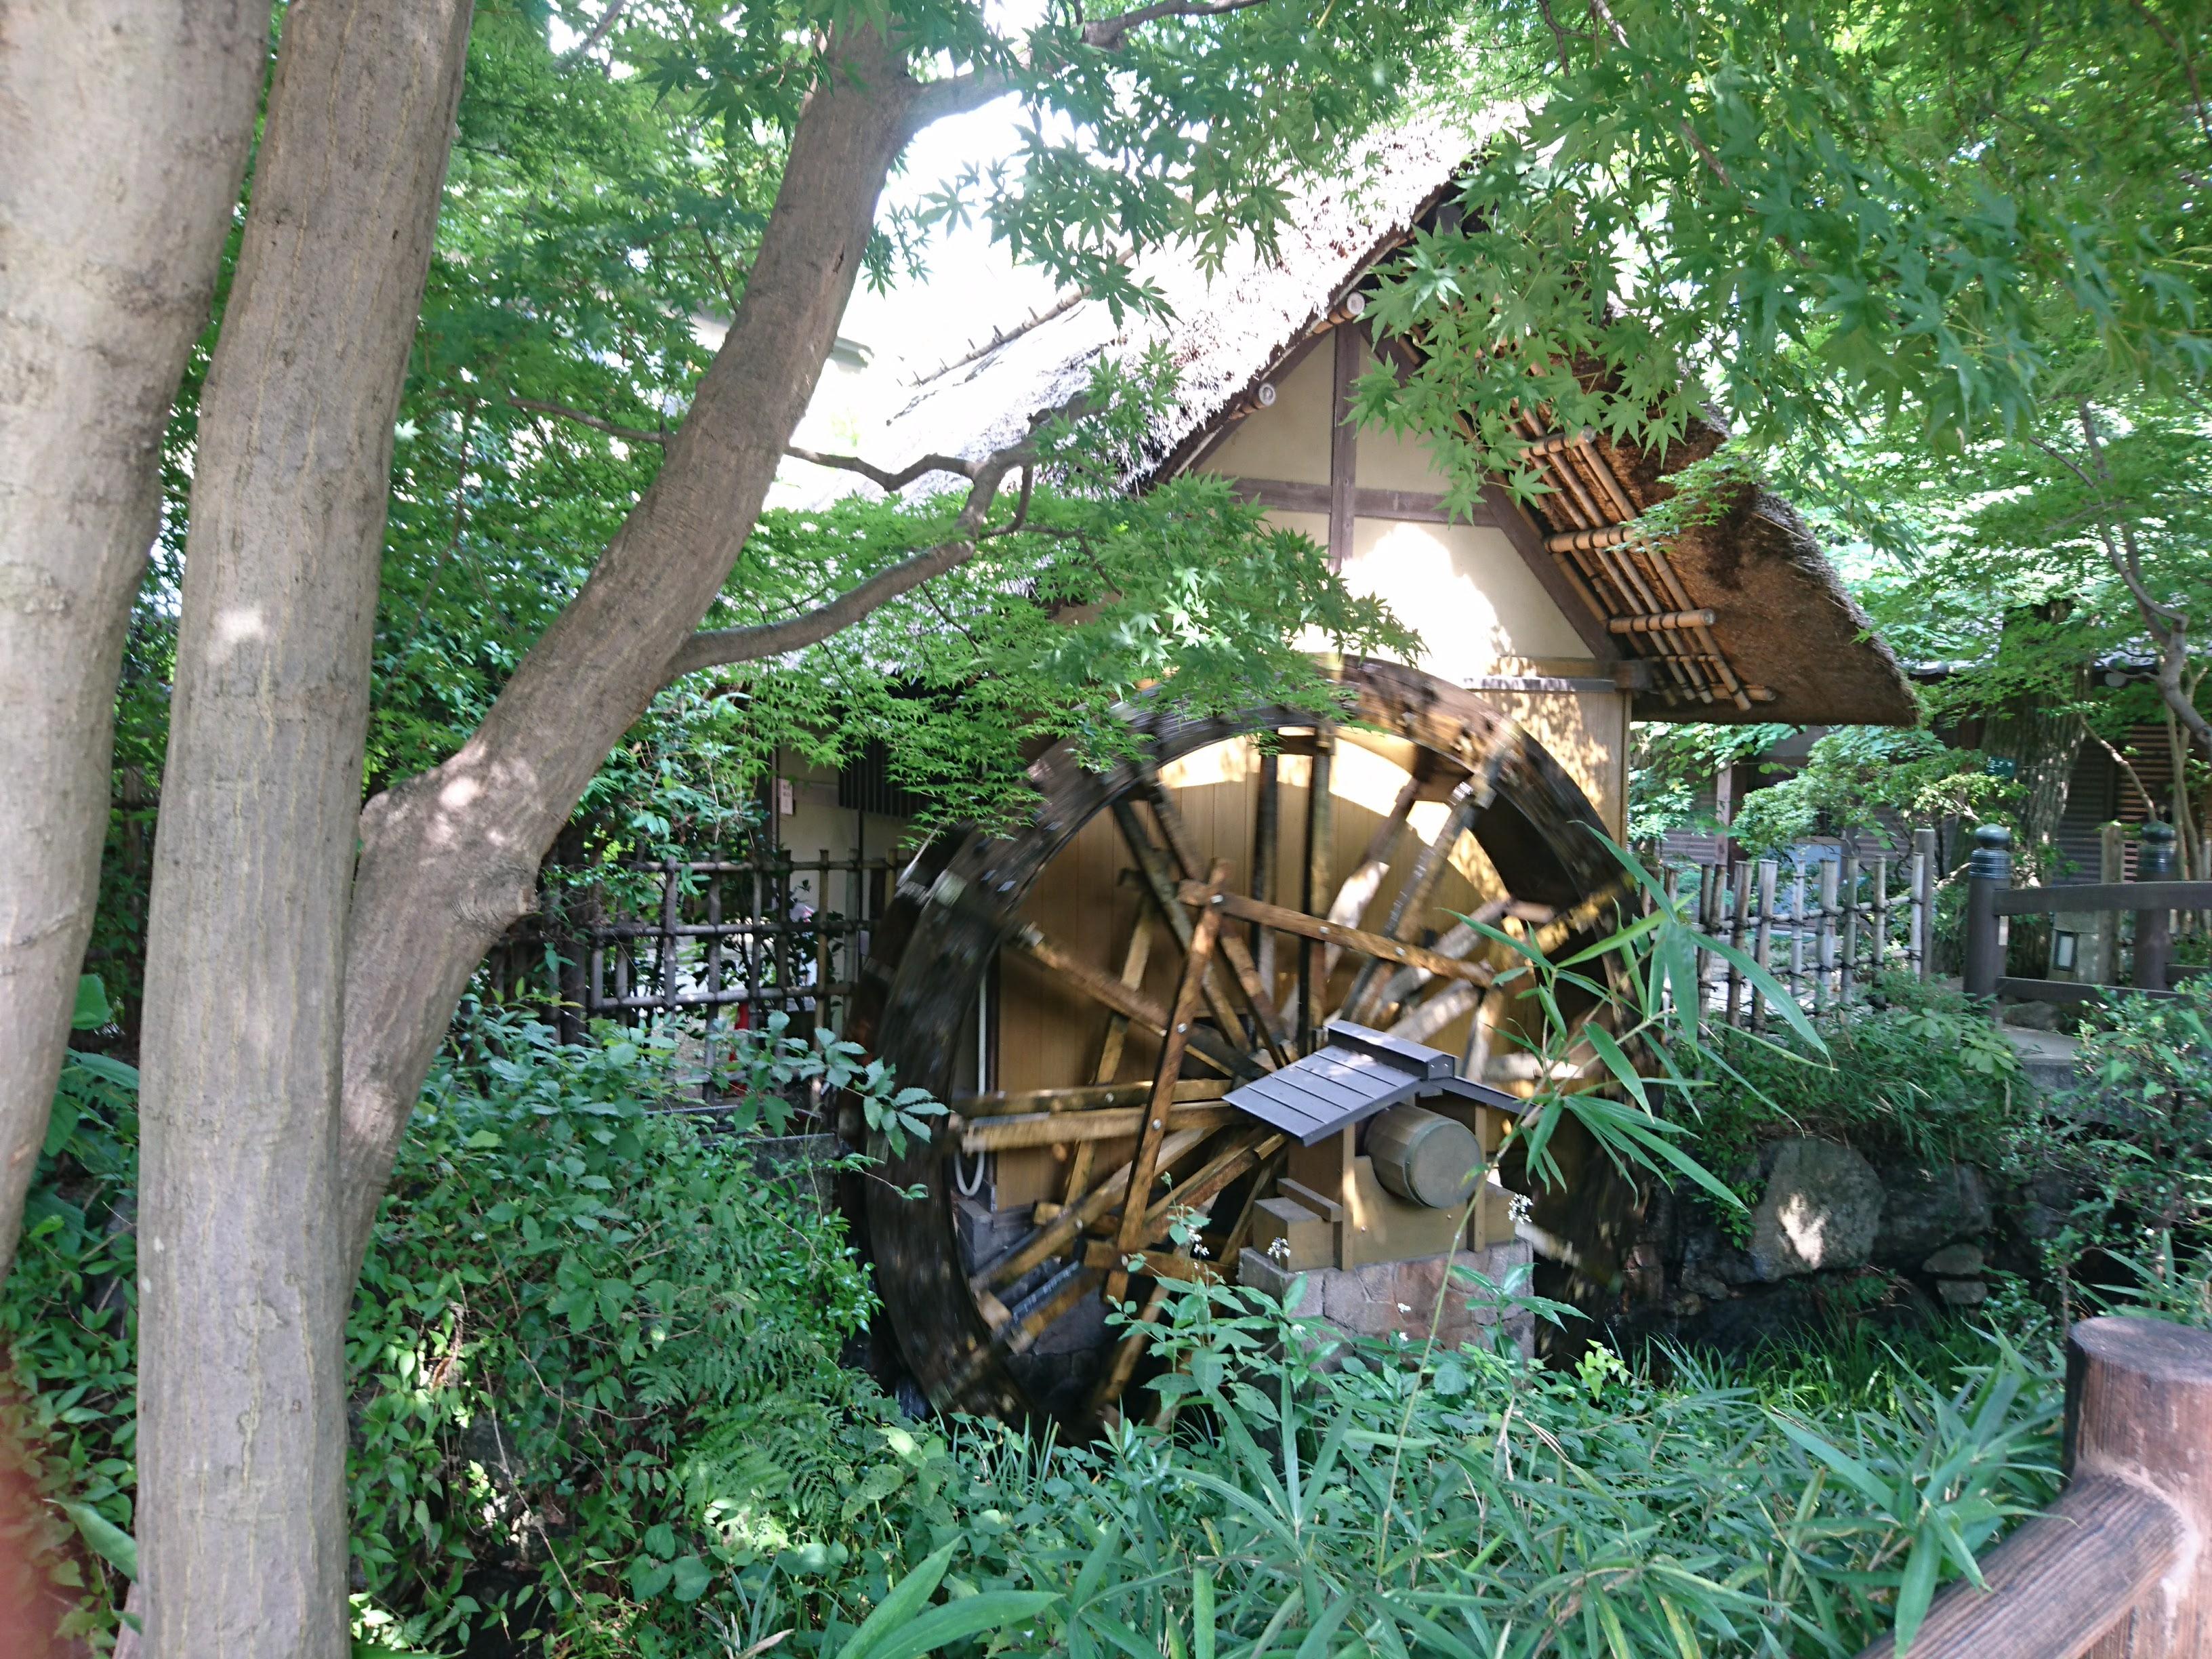 「深大寺入口」下車して深大寺へ向かう道々の風景「水車」